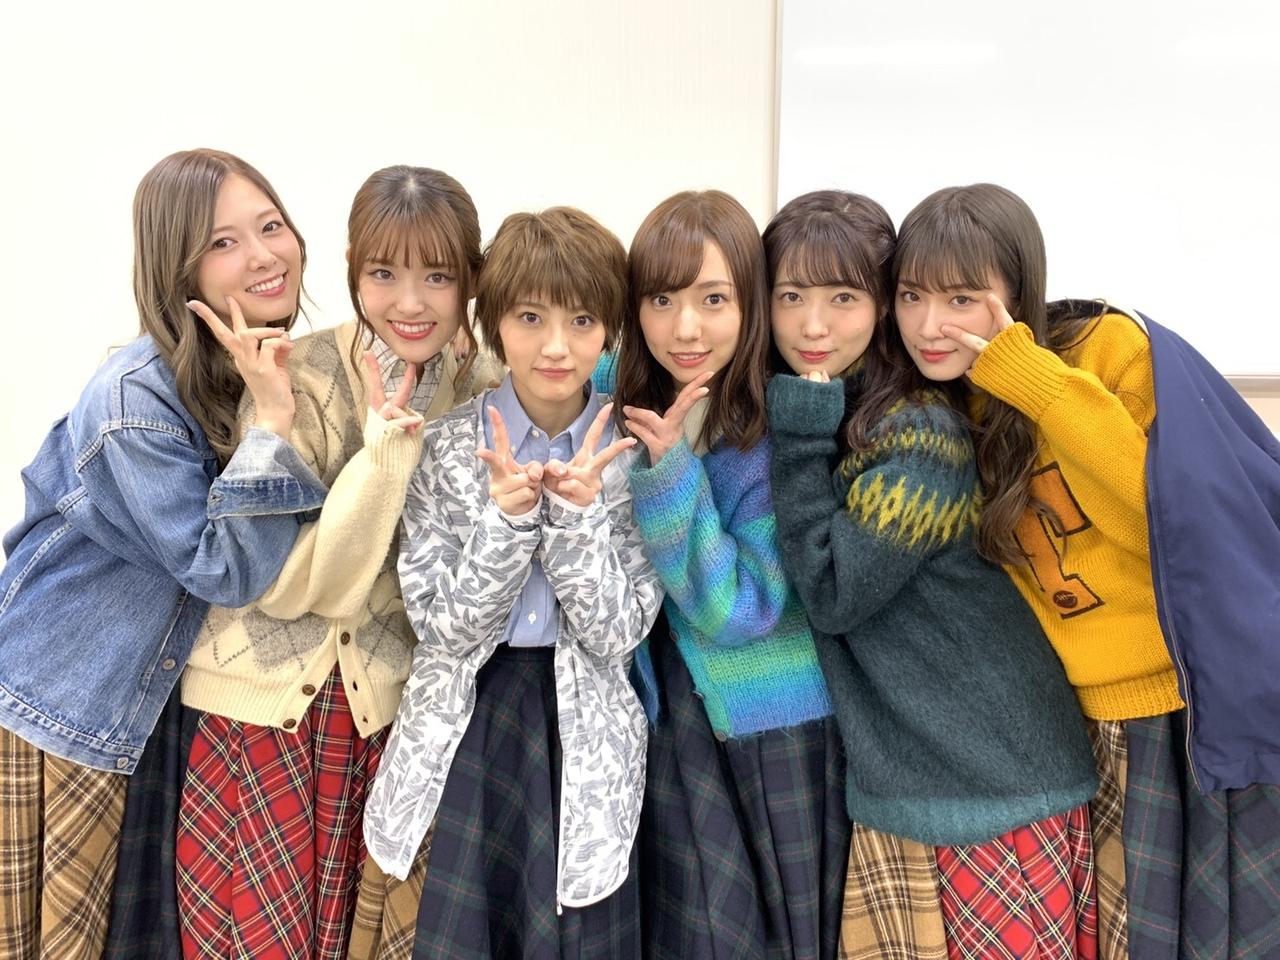 【画像】見よ!これが乃木坂46の中心メンバー(平均年齢26歳)だ!!!!!!!!!